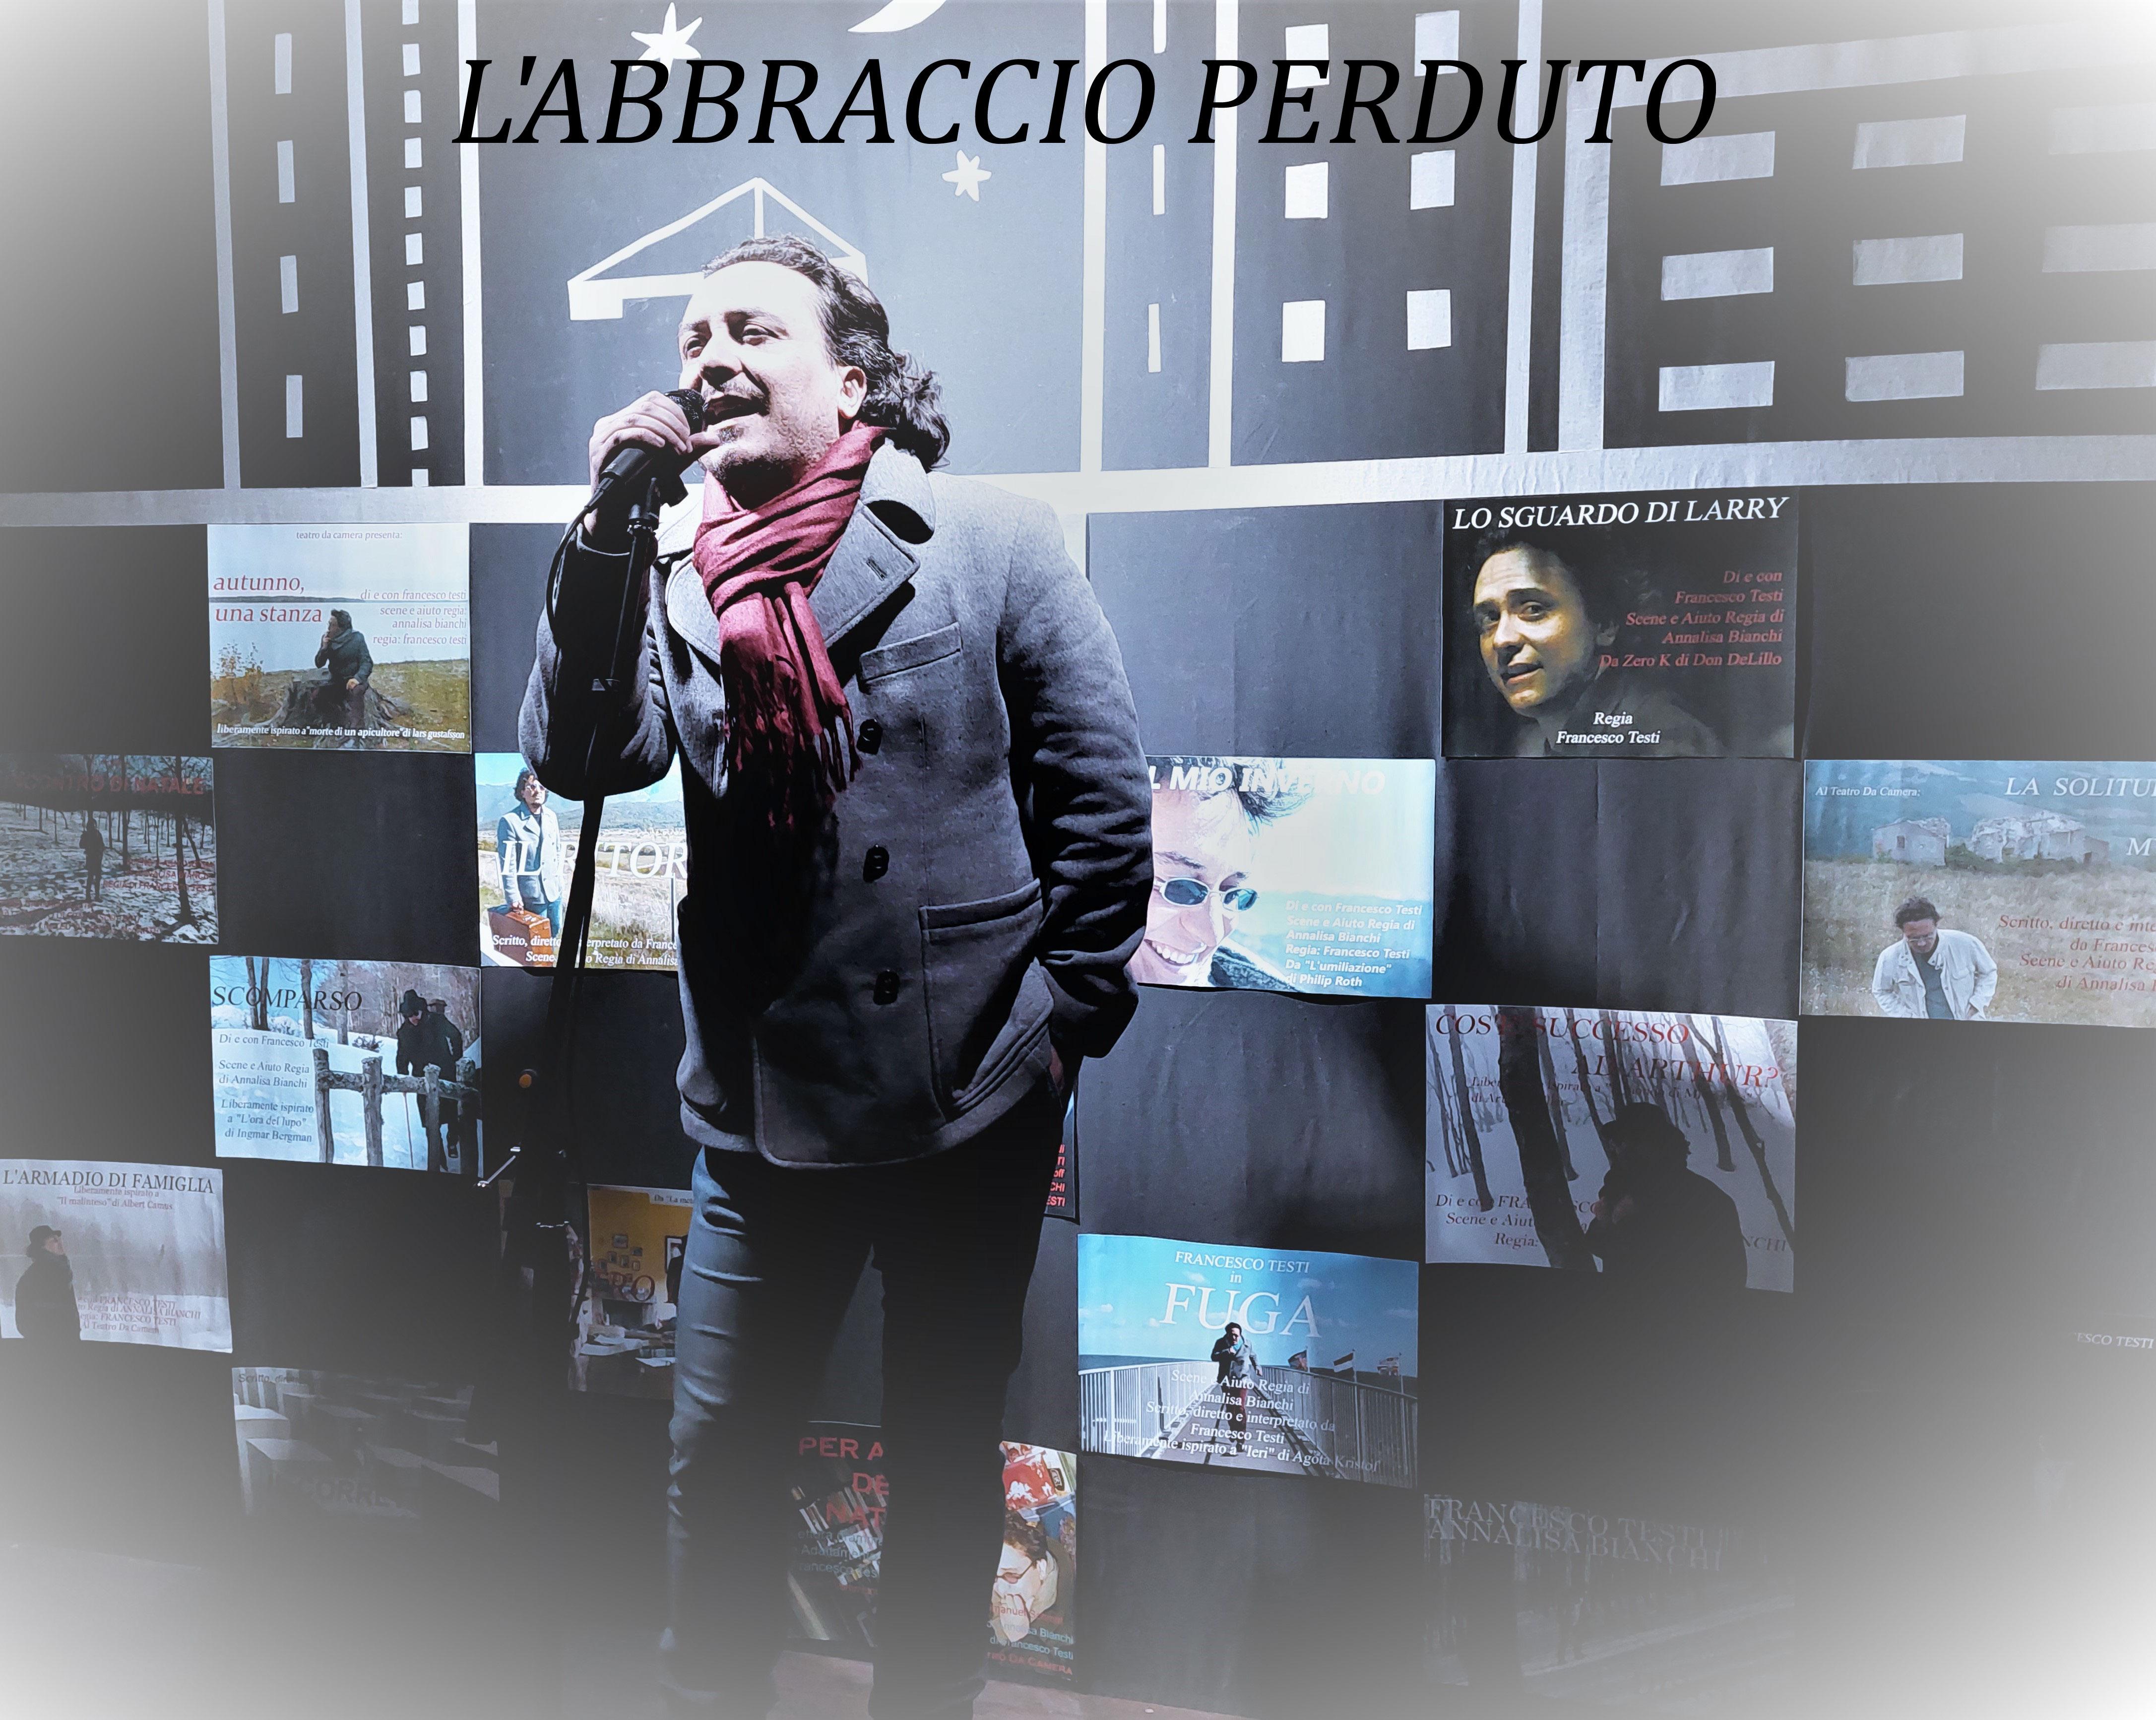 L'ABBRACCIO-PERDUTO-4